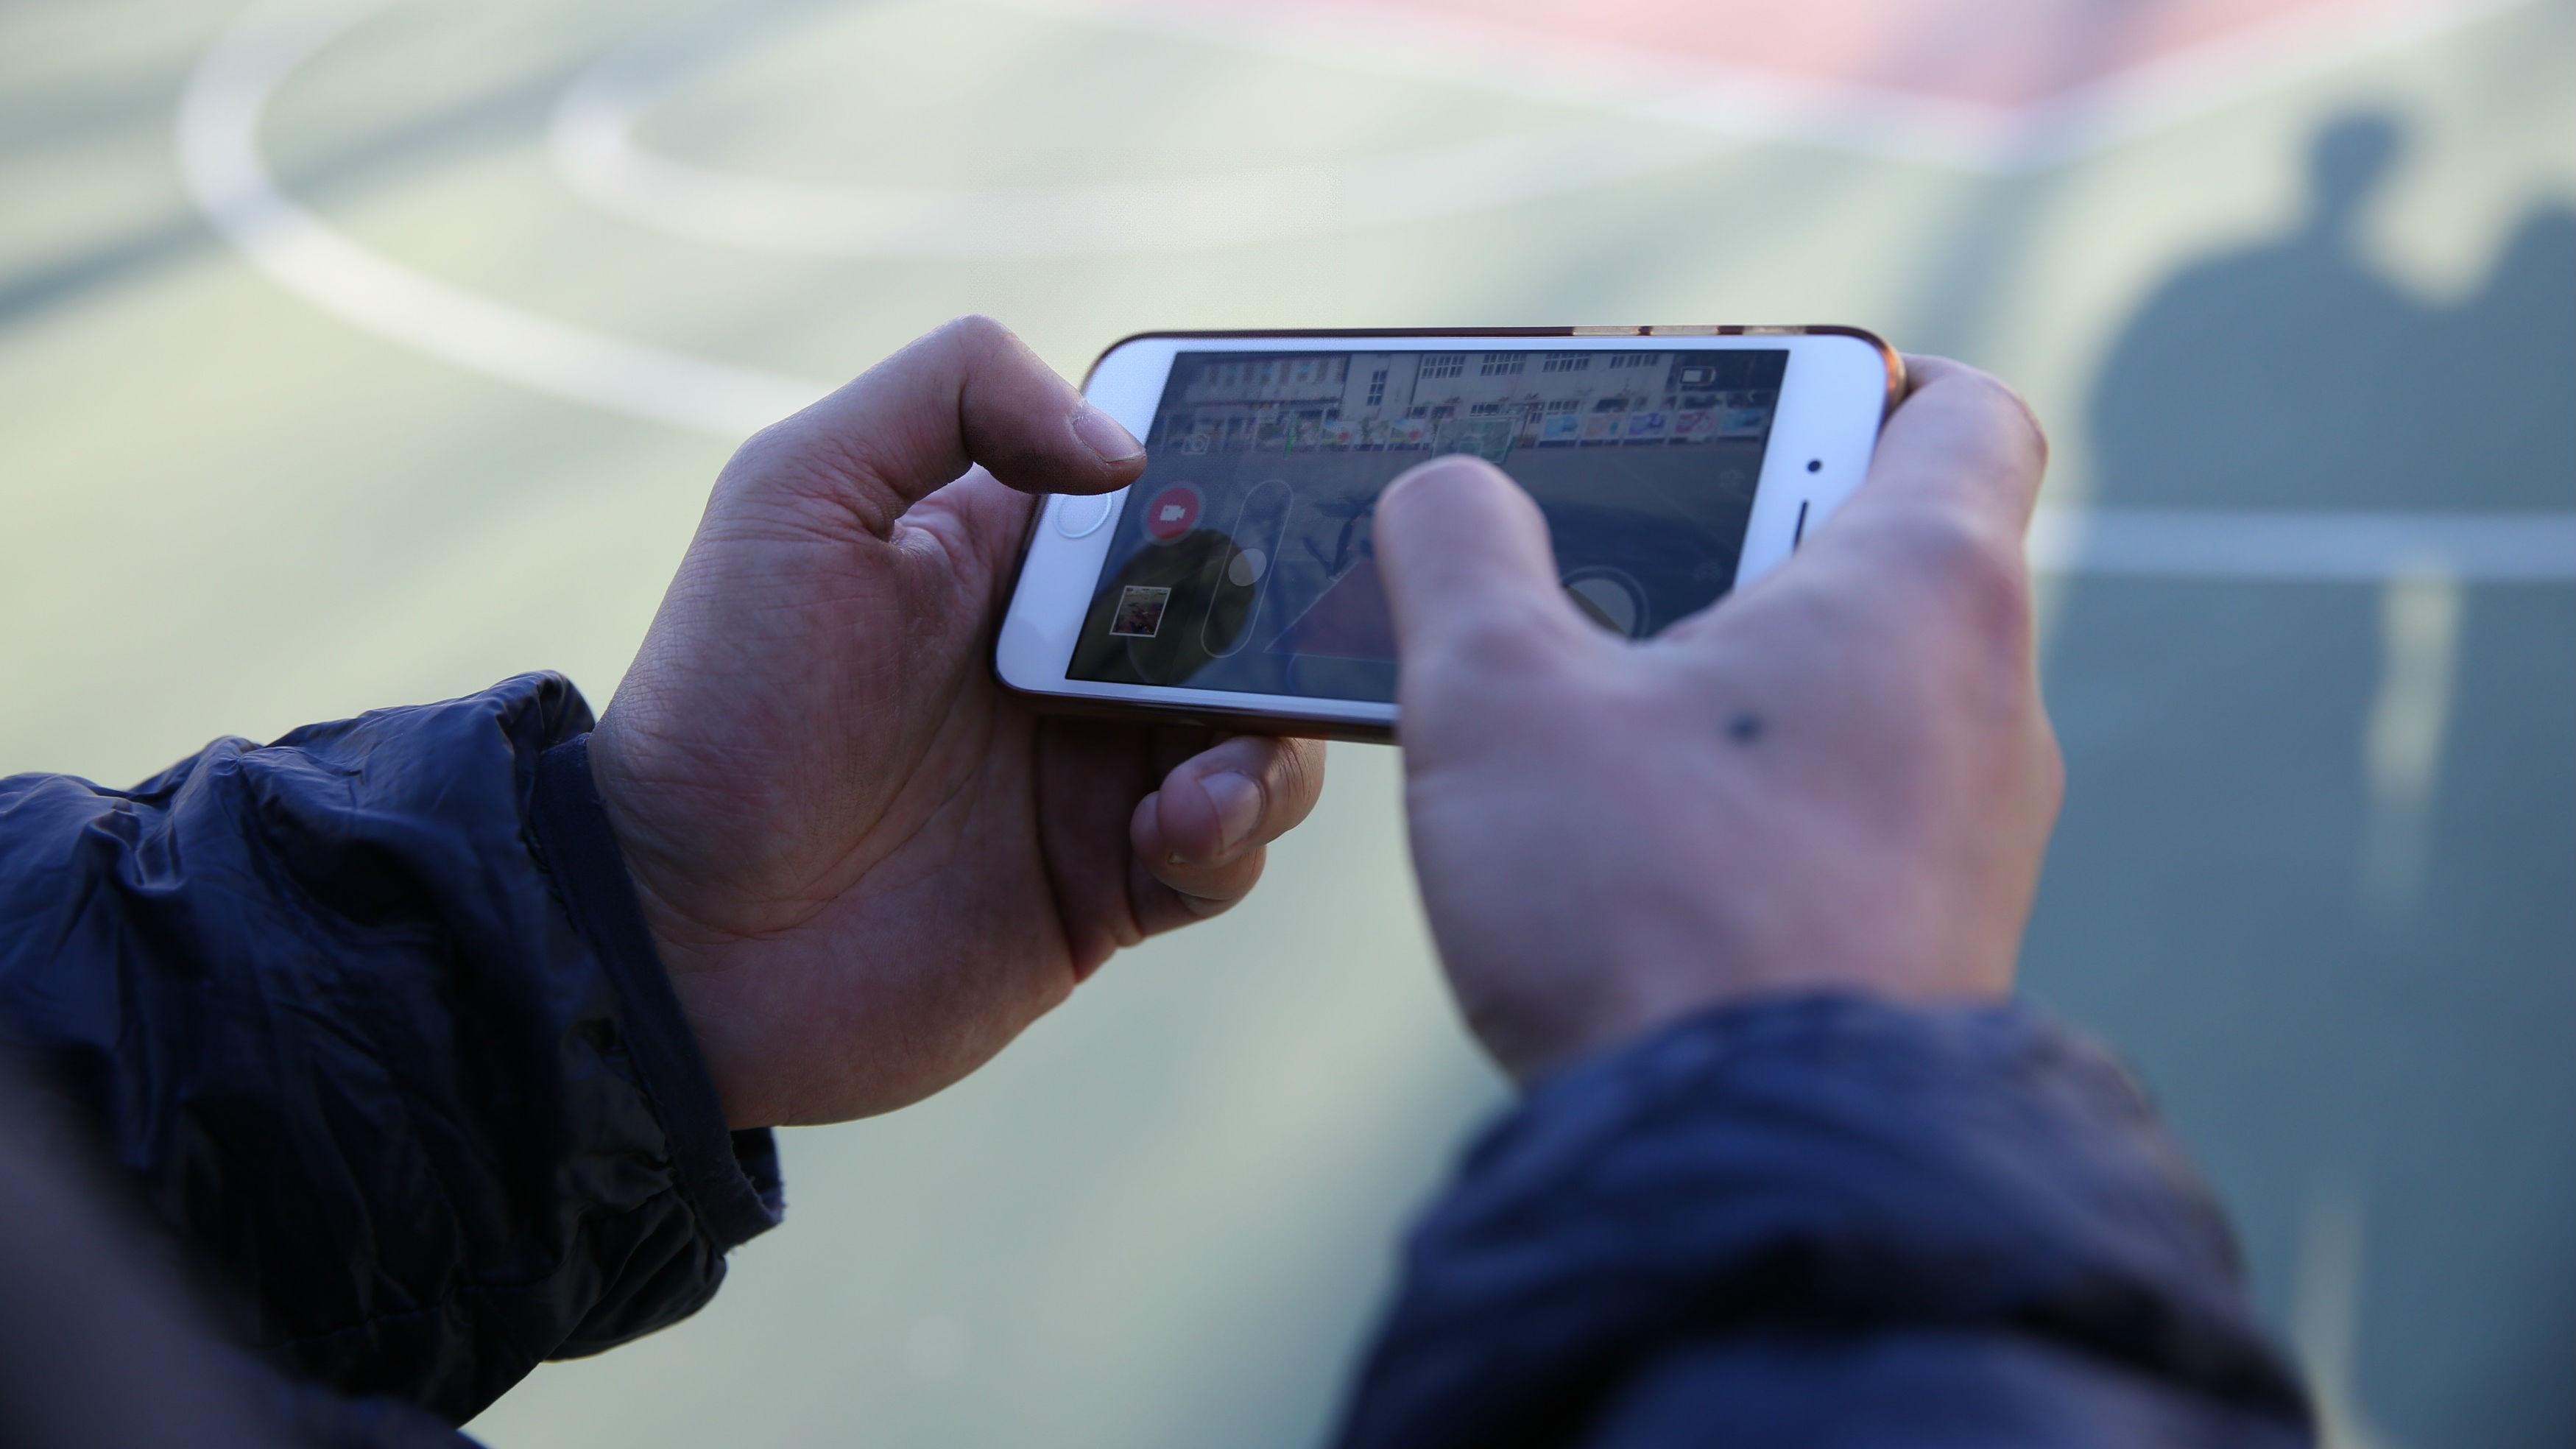 这家美公司被曝全球追踪手机用户行踪——_德国新闻_德国中文网